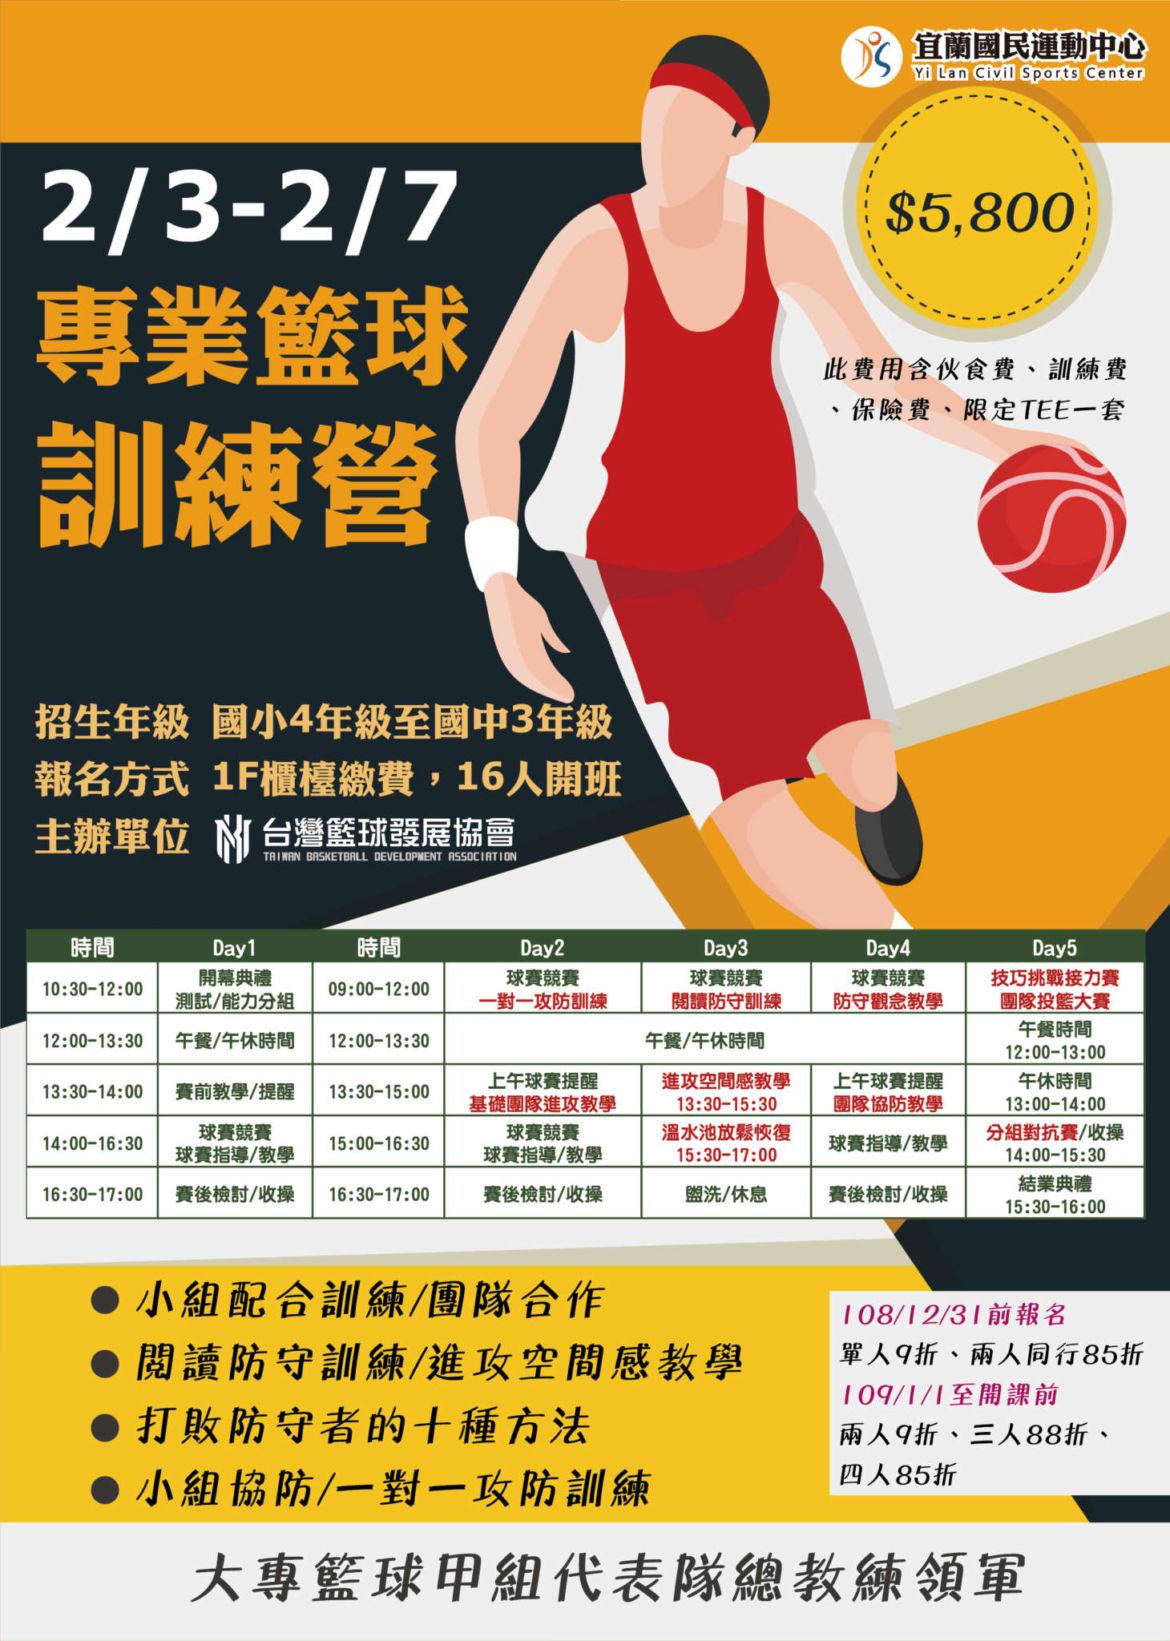 【專業籃球訓練營x開始招生】